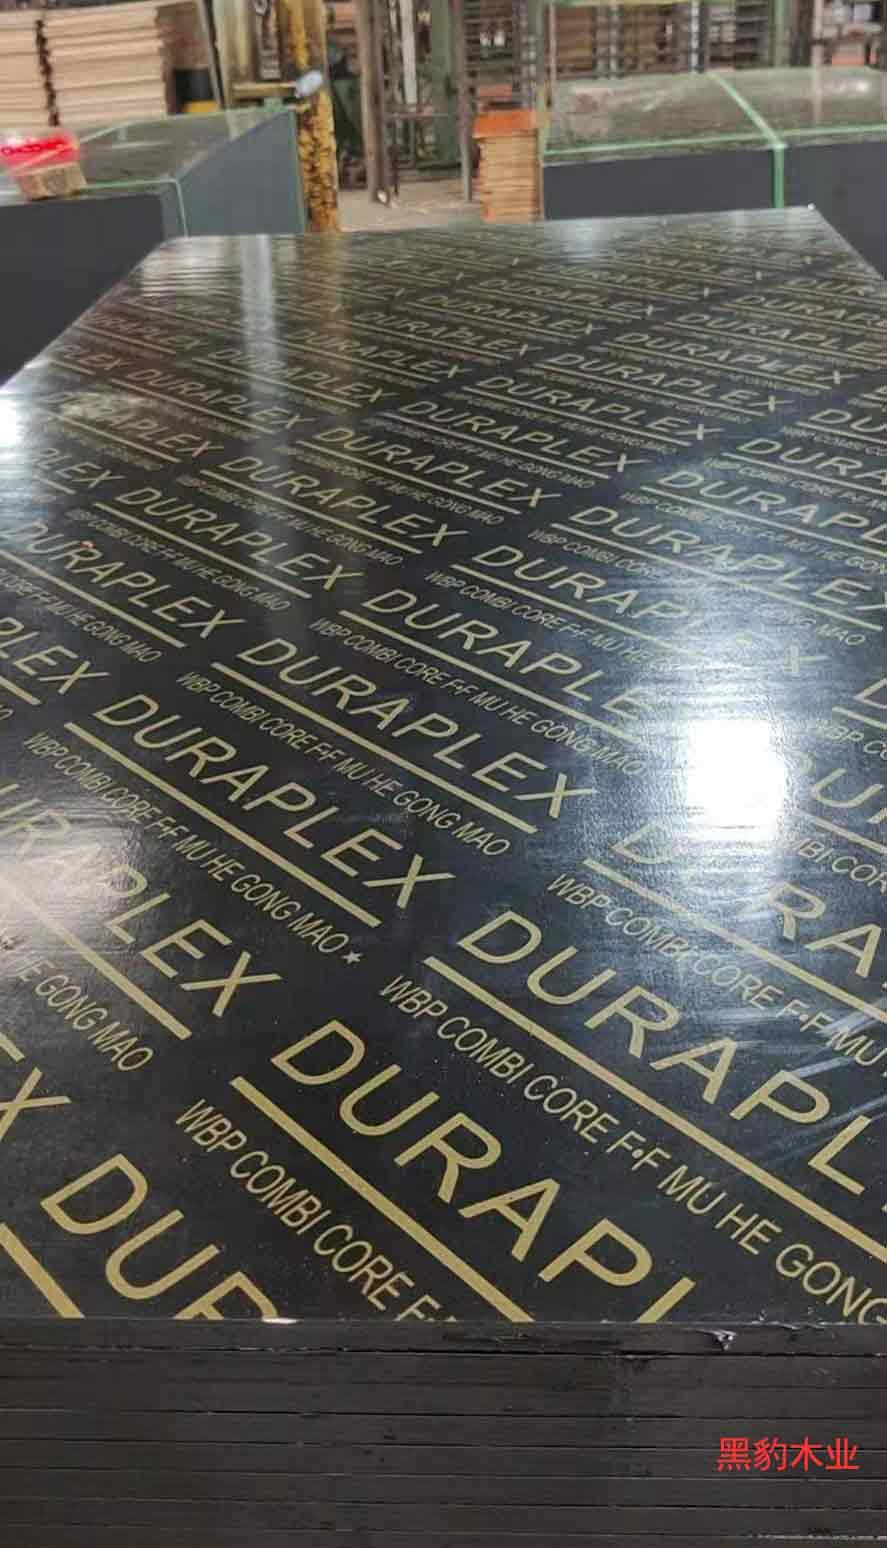 DURAPLEX建筑覆膜板生产厂家(建筑覆膜板多少钱)